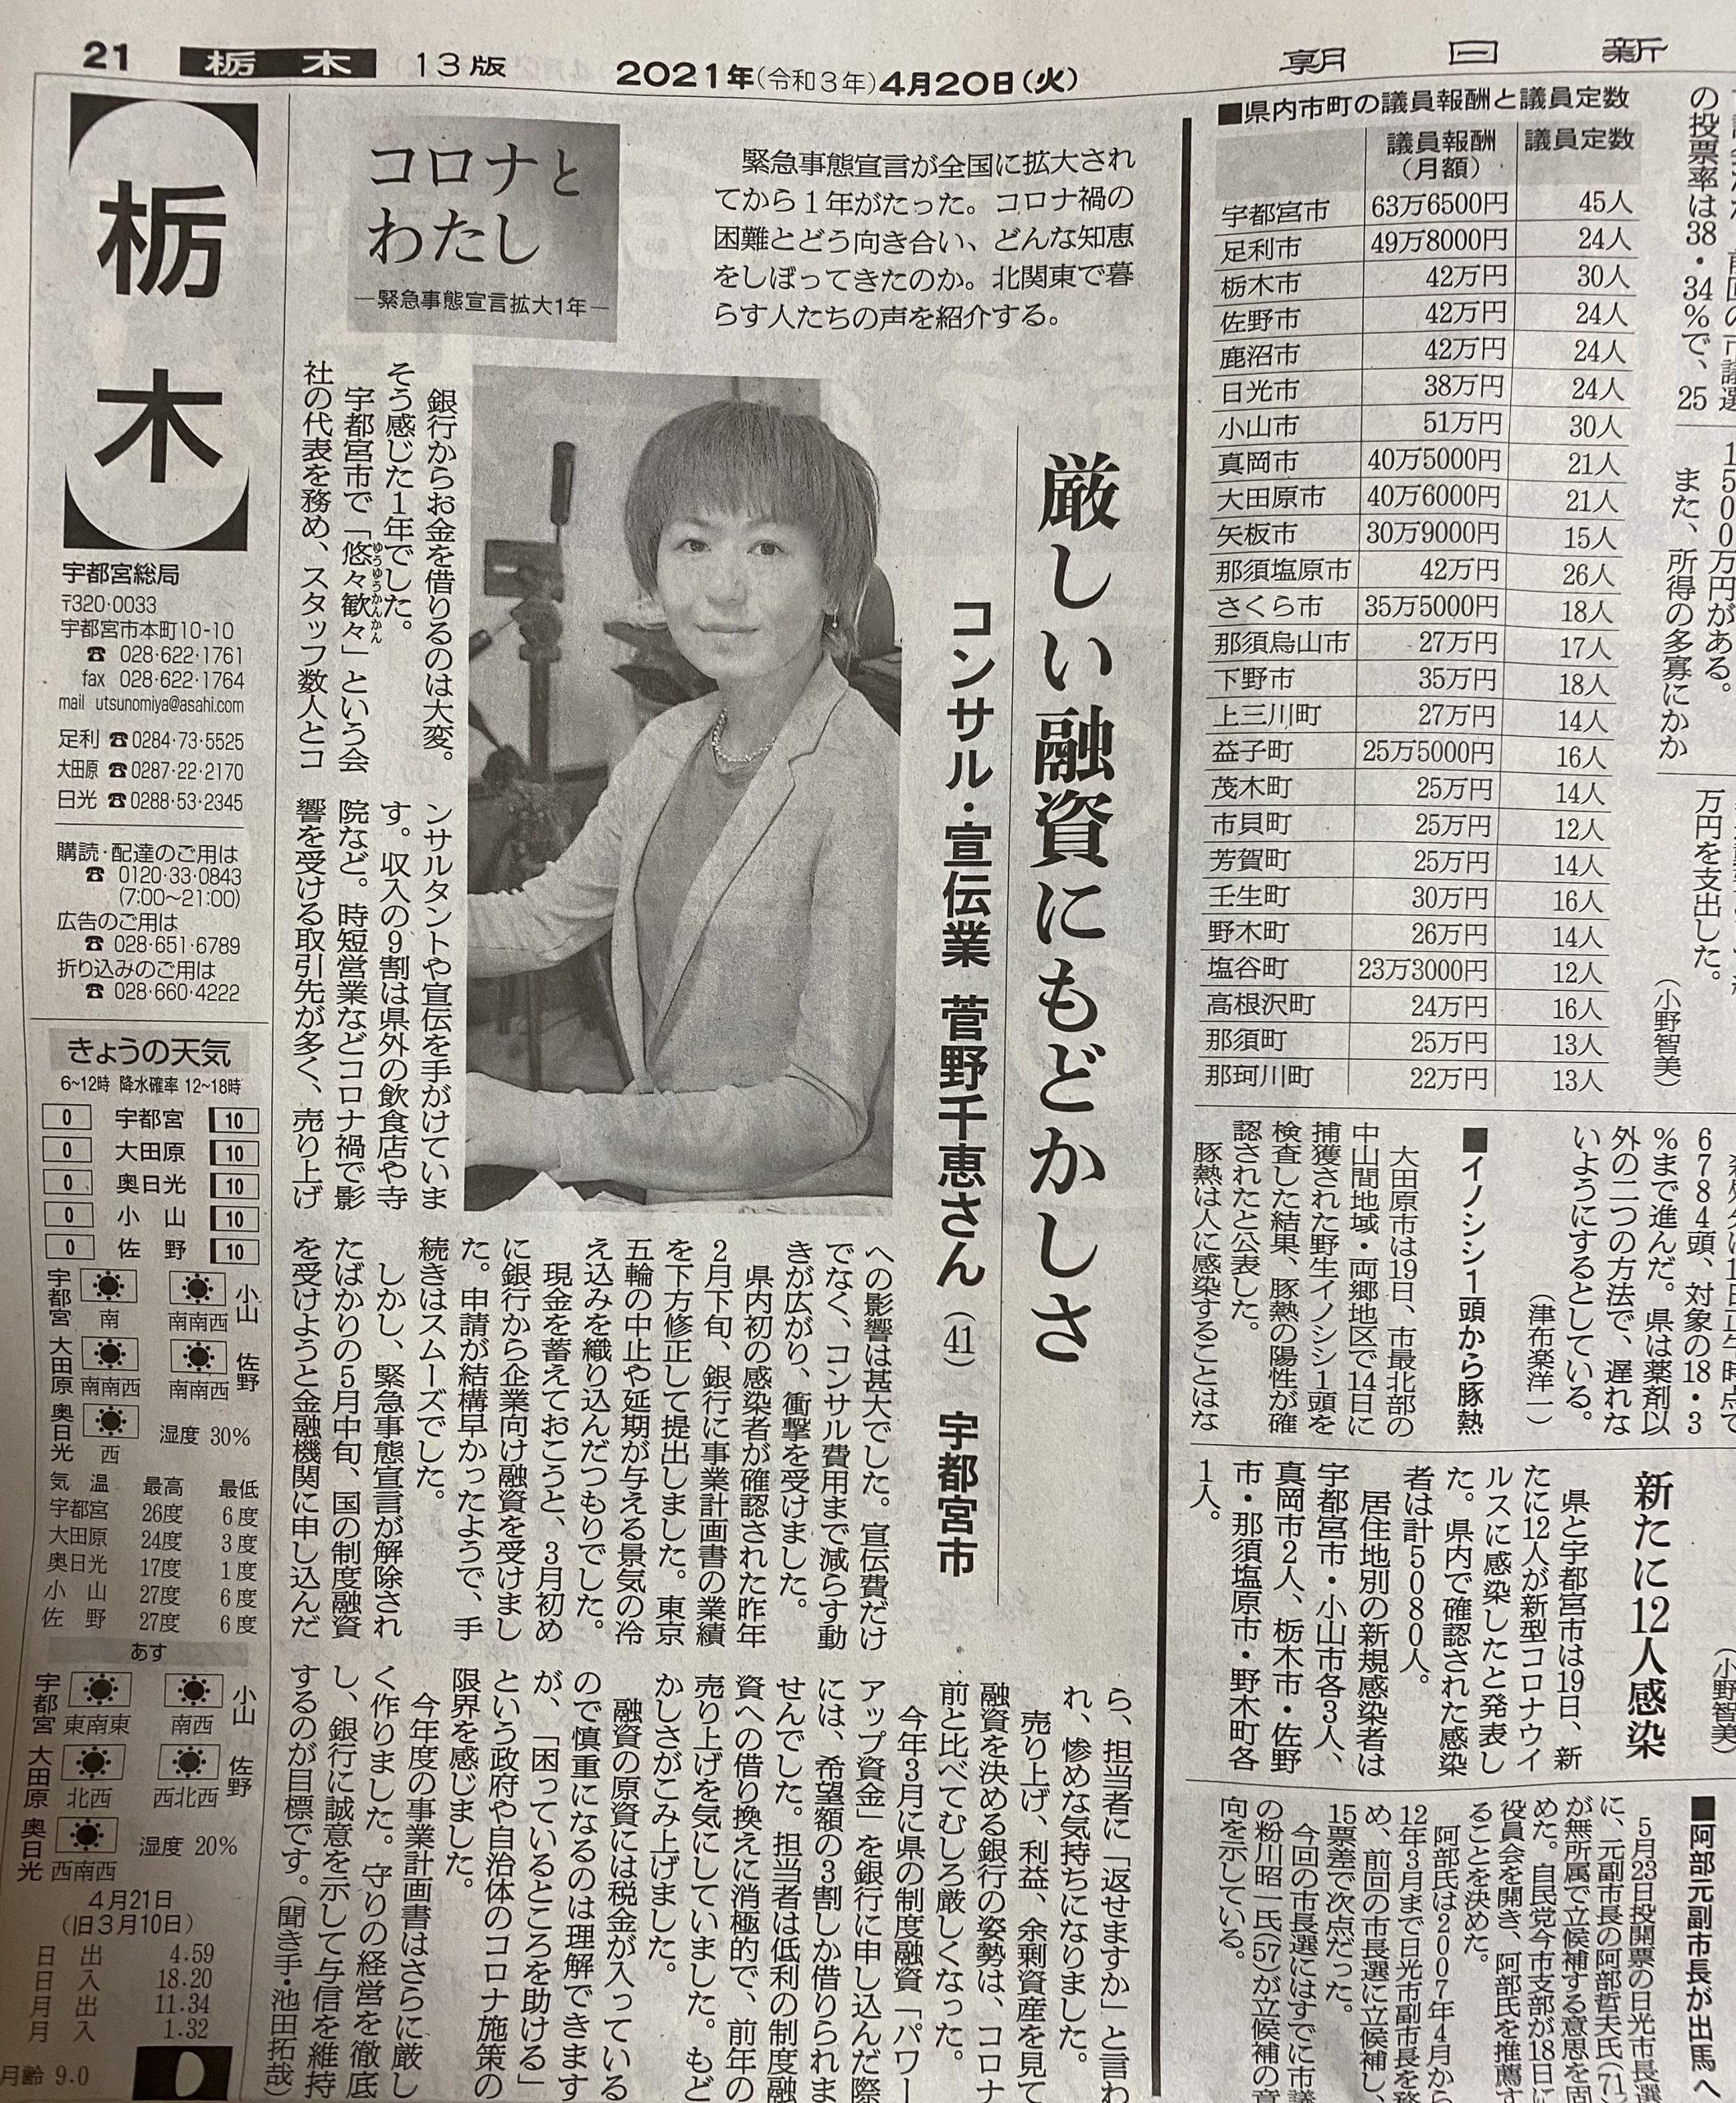 悠々歓々朝日新聞メディア掲載